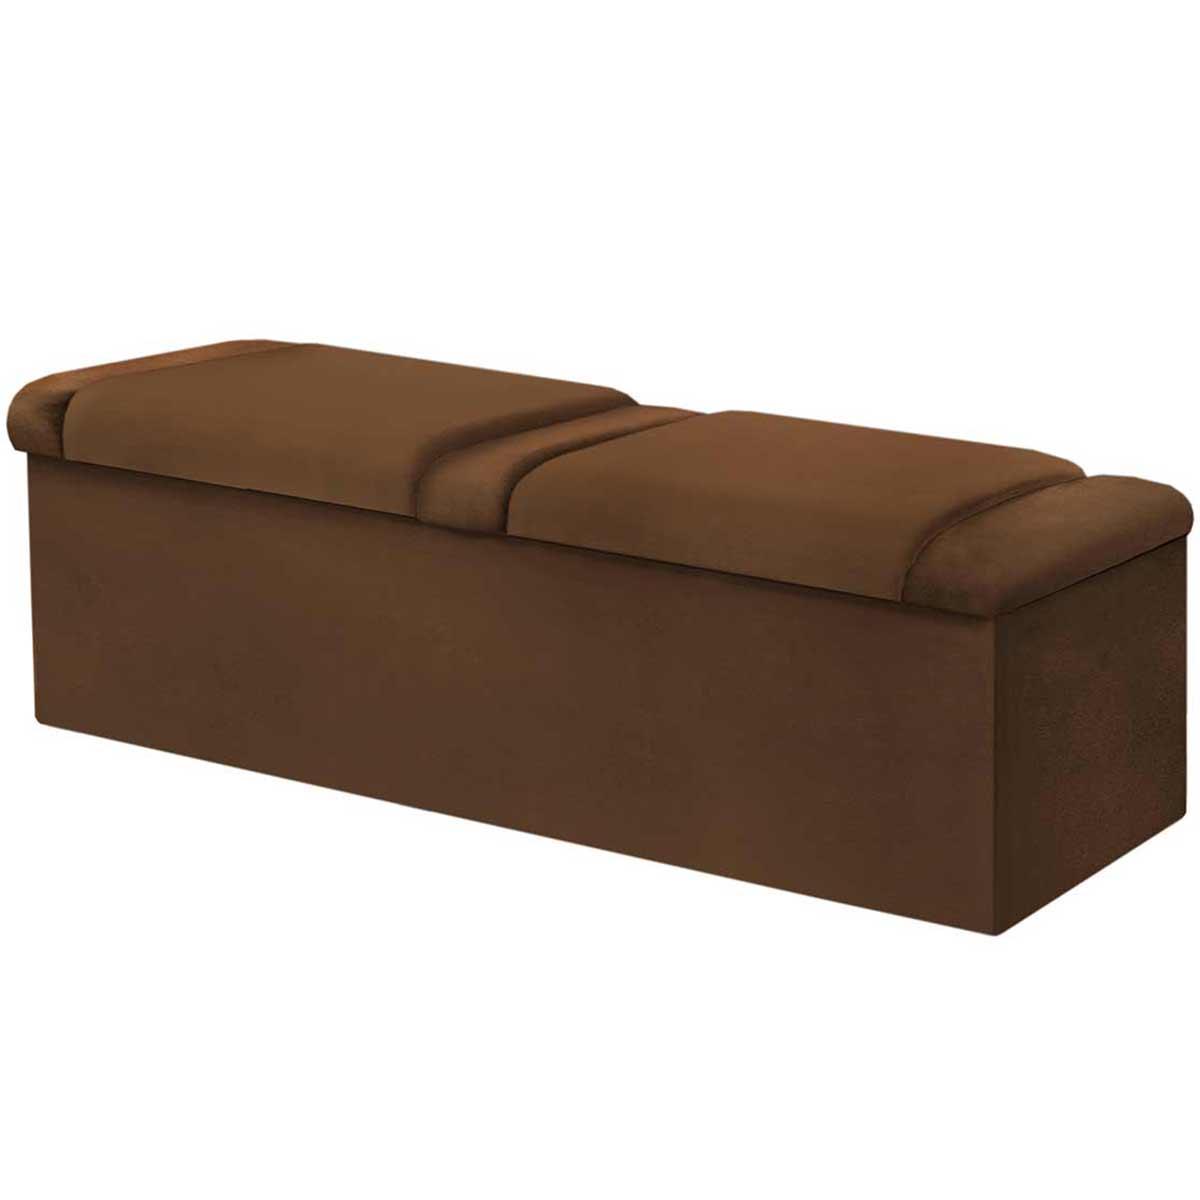 Calçadeira com Baú Duquesa 160 cm Chocolate Simbal